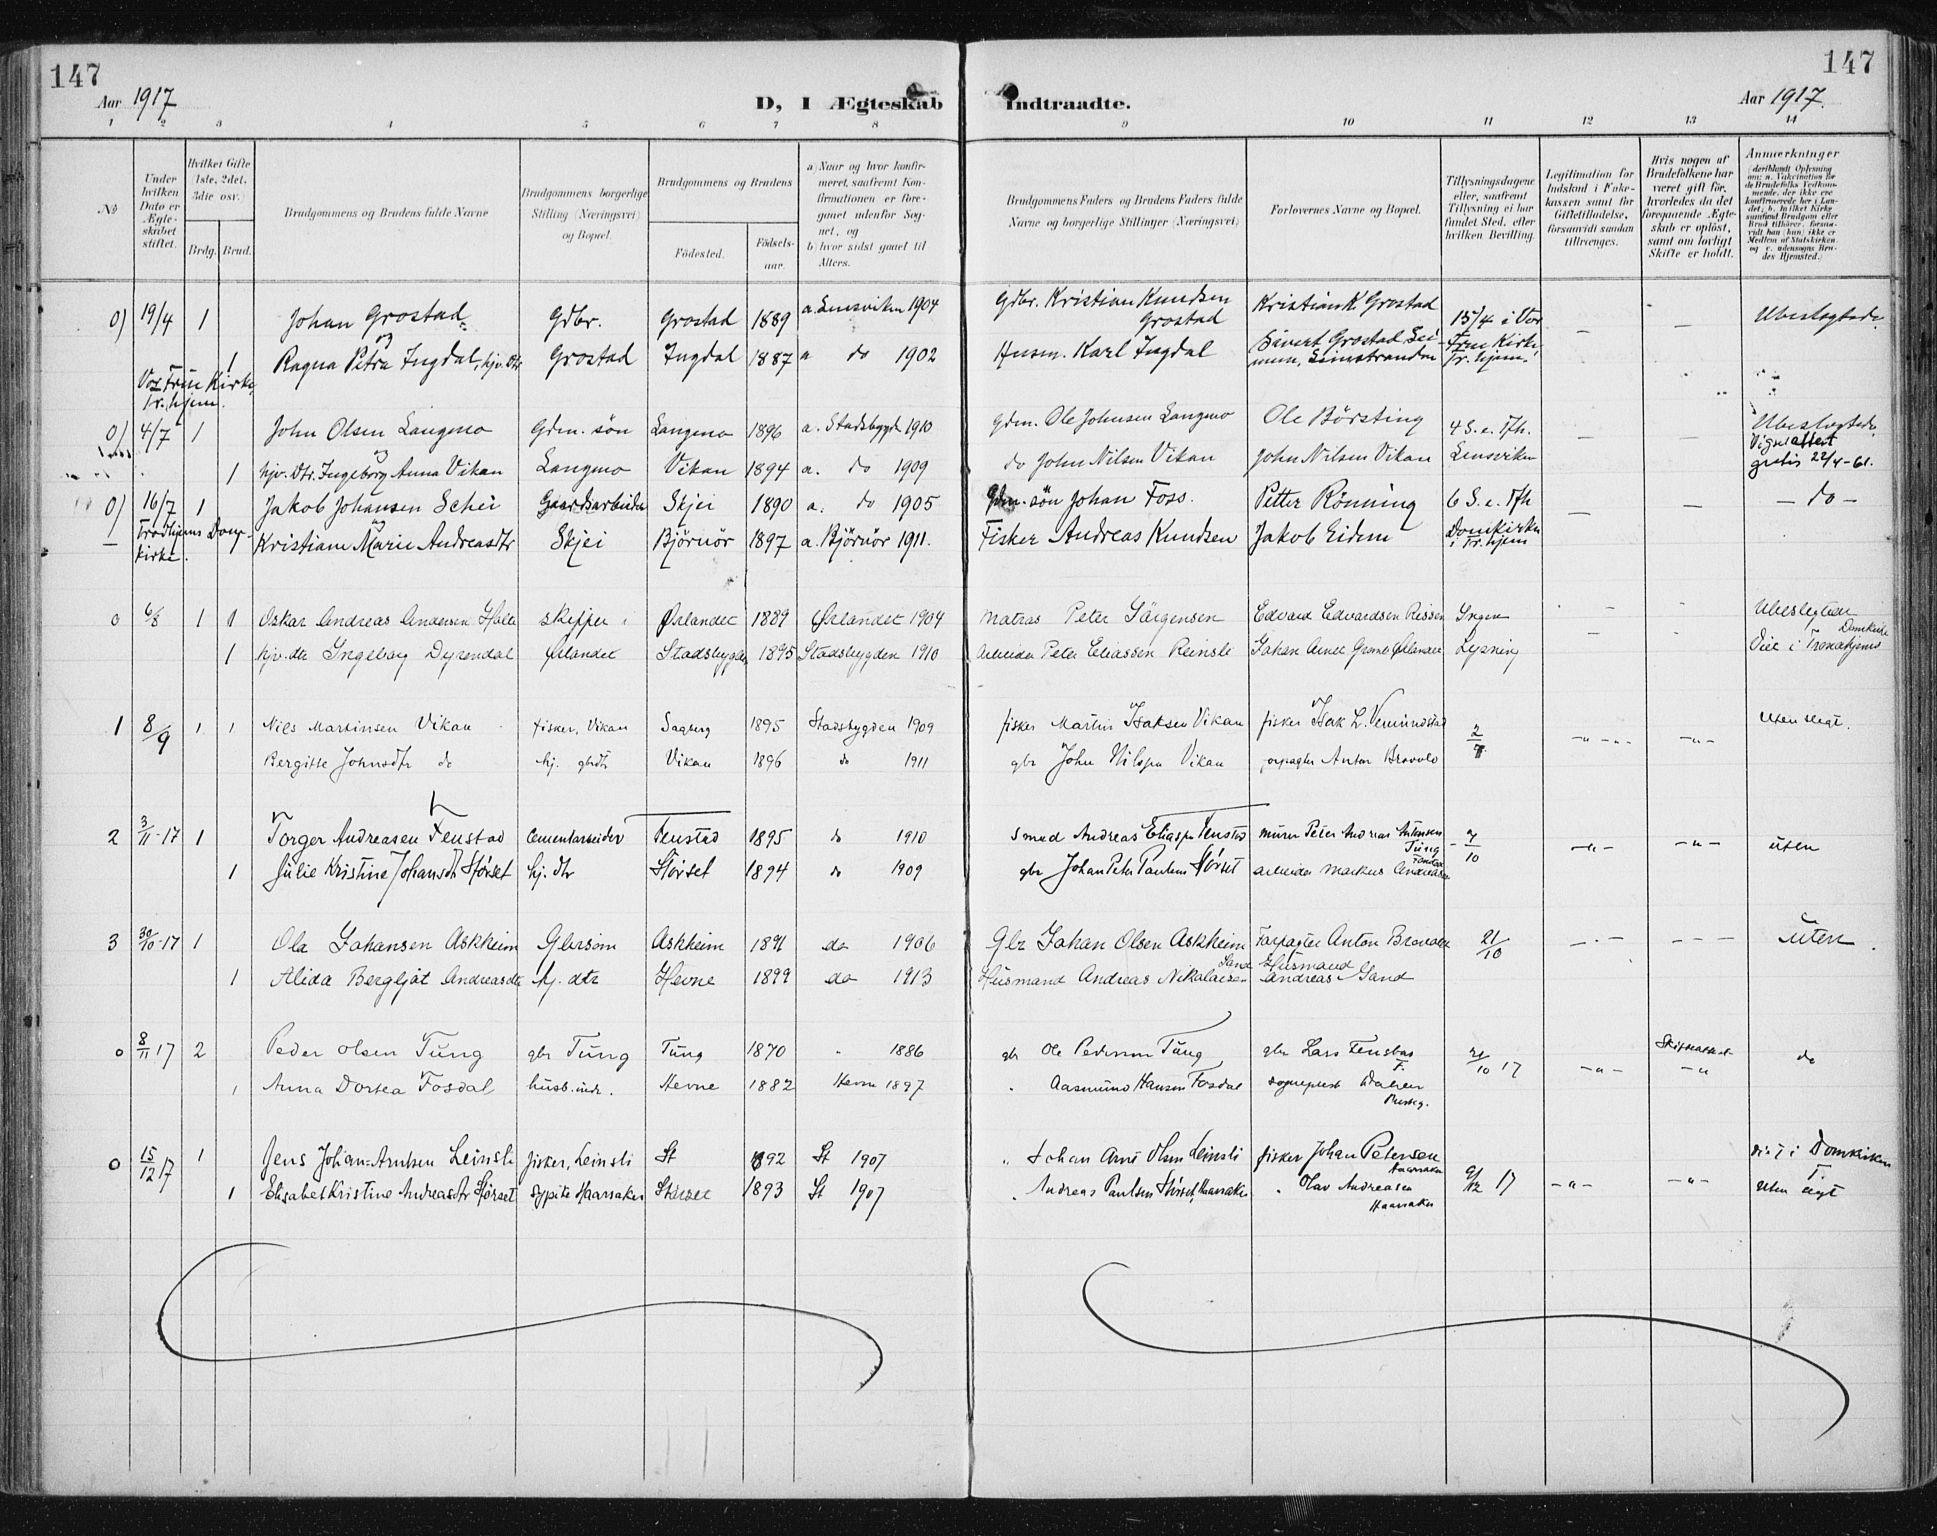 SAT, Ministerialprotokoller, klokkerbøker og fødselsregistre - Sør-Trøndelag, 646/L0616: Ministerialbok nr. 646A14, 1900-1918, s. 147